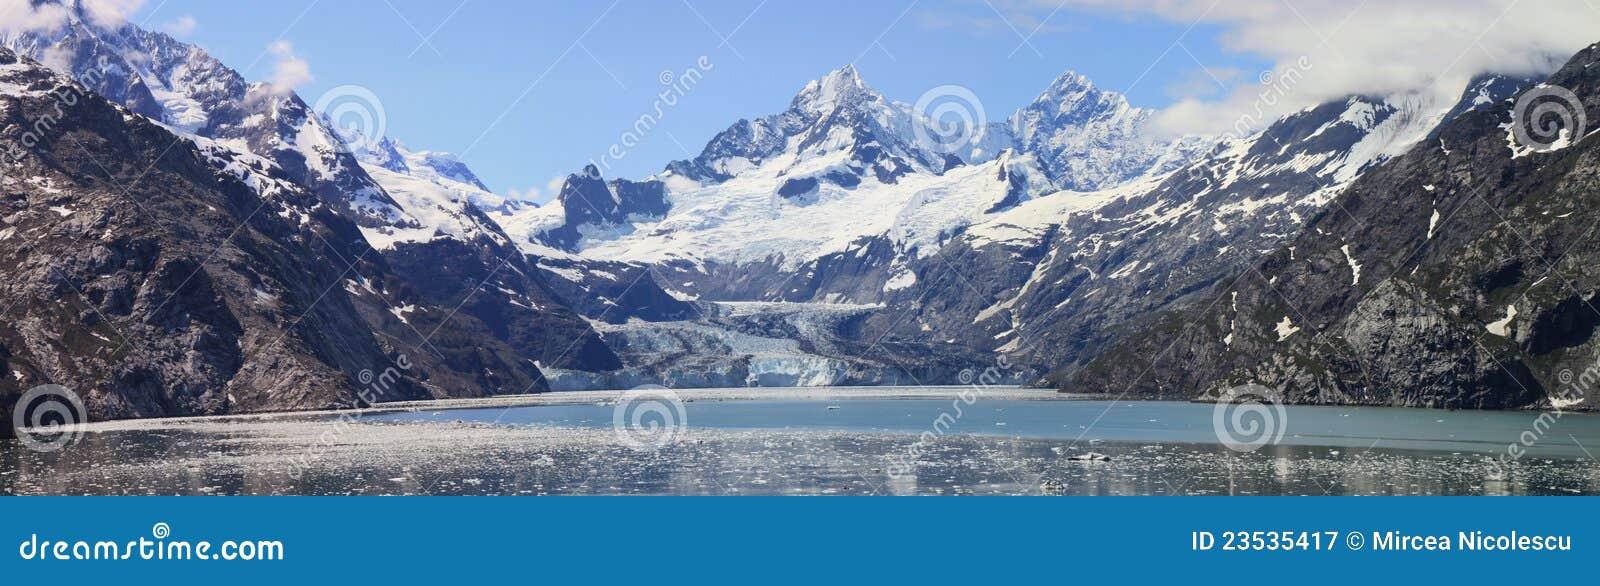 Panorama della baia di ghiacciaio